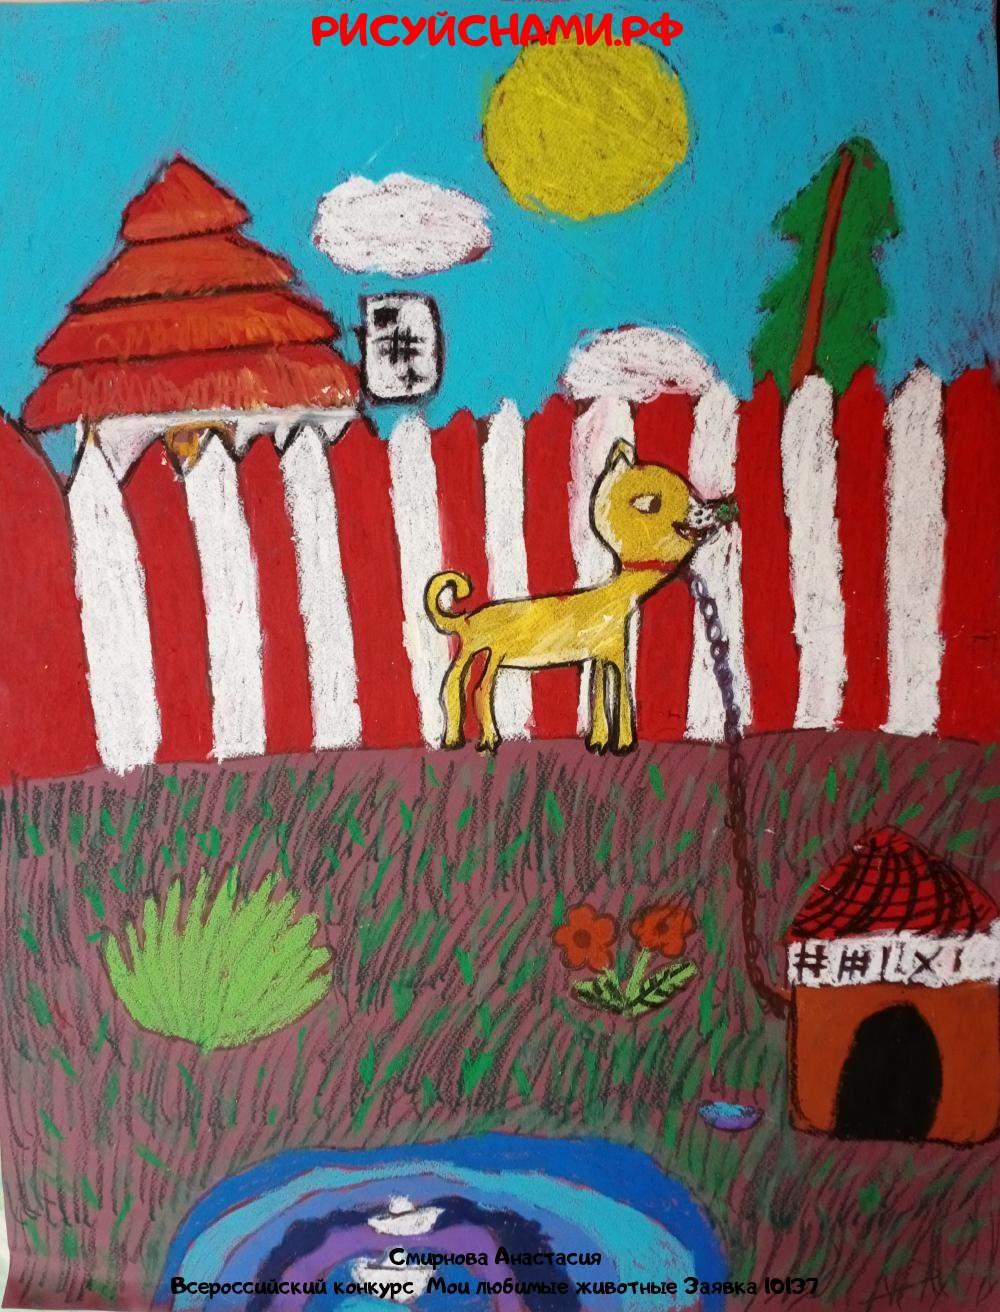 Всероссийский конкурс  Мои любимые животные Заявка 10137  творческие конкурсы рисунков для школьников и дошкольников рисуй с нами #тмрисуйснами рисунок и поделка - Смирнова Анастасия